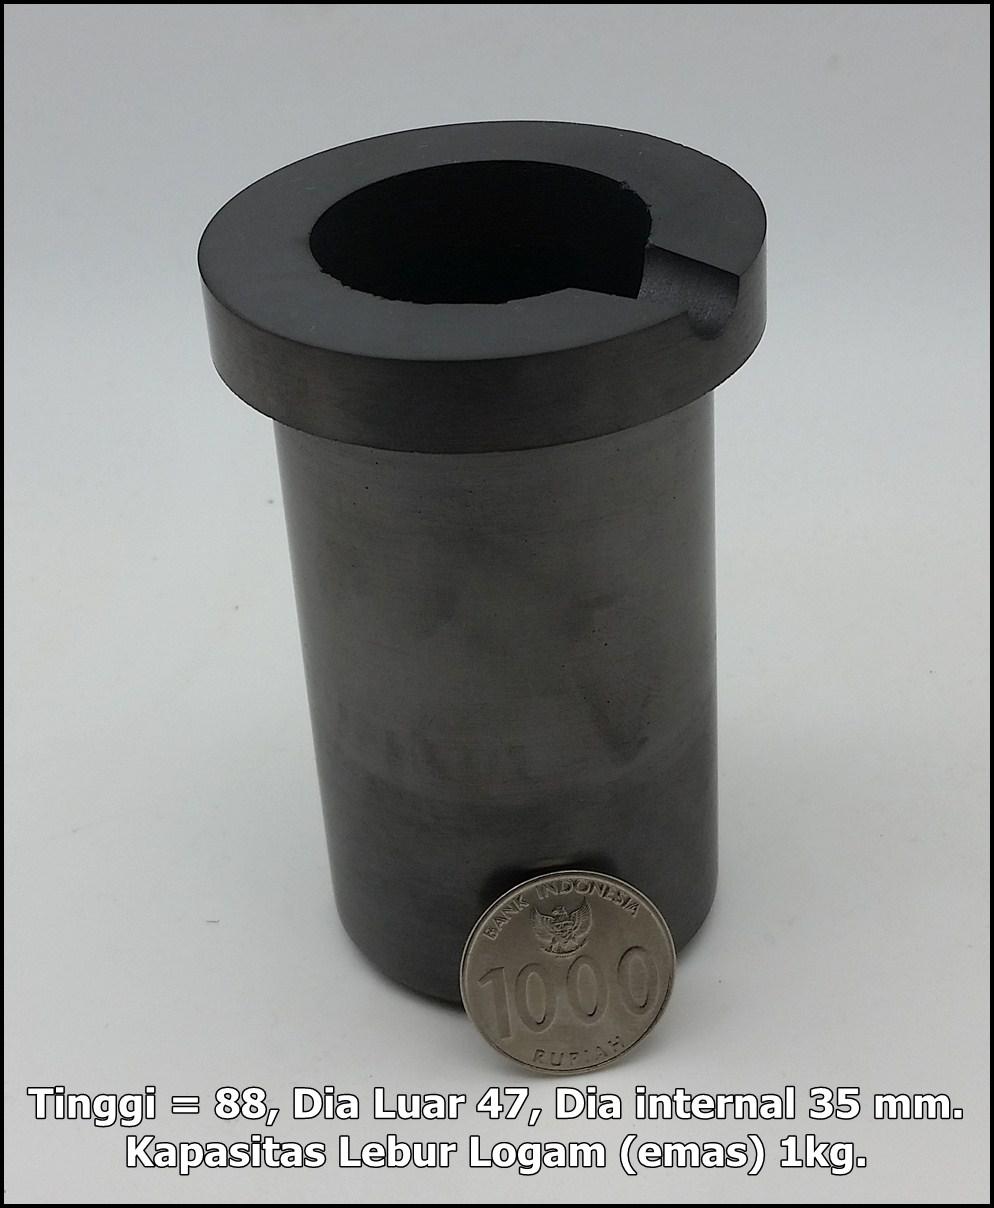 koi kowi crucible graphite 1kg